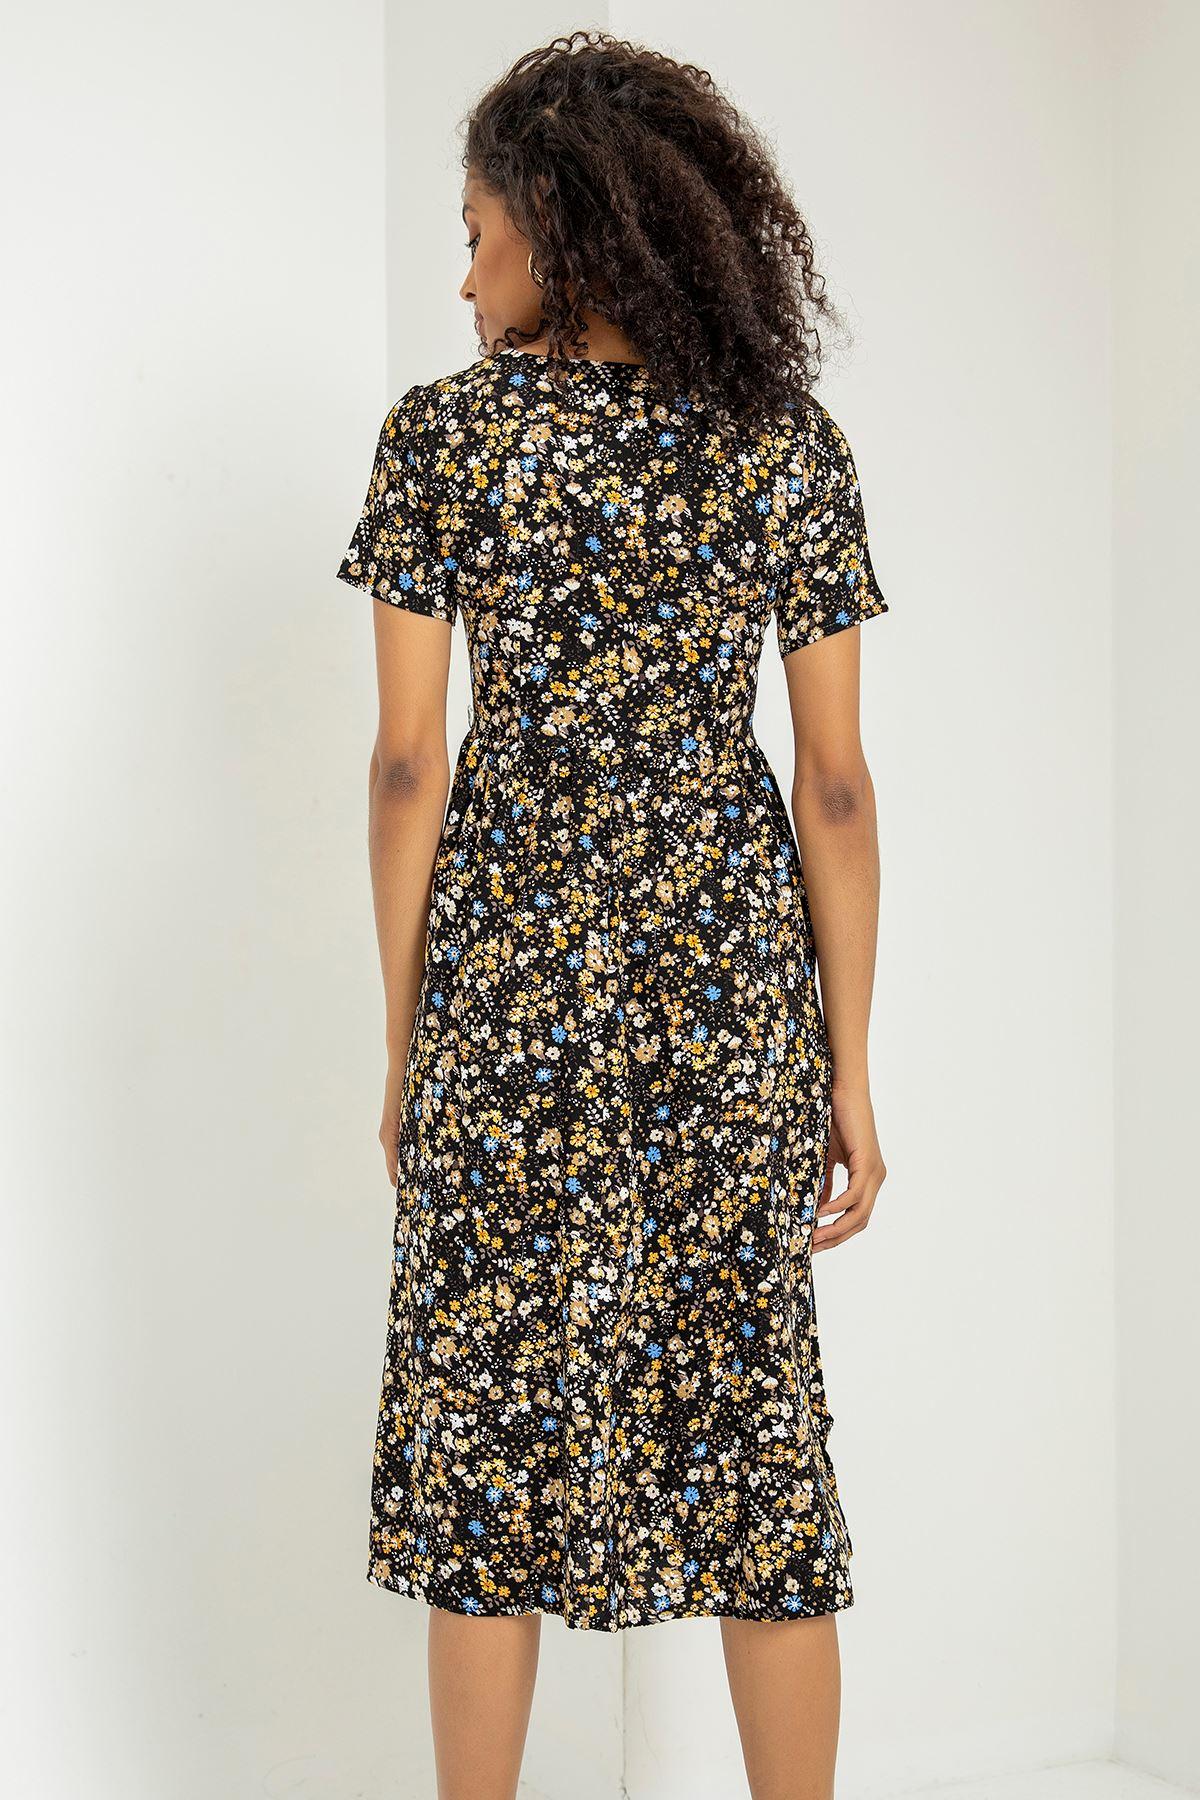 Kuşaklı Çiçek Desen Elbise-Siyah